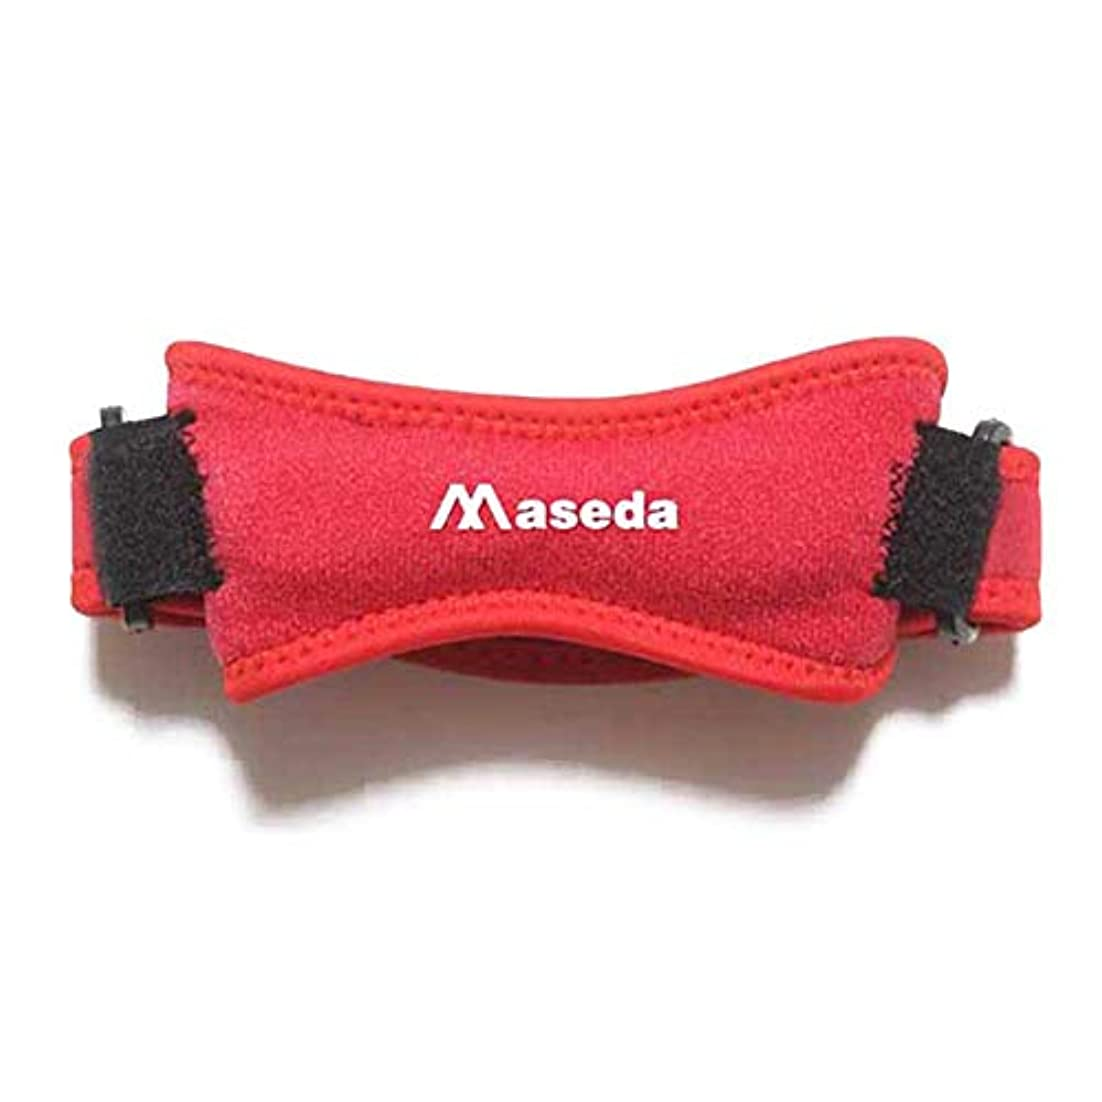 ツールきらめきツールTenflyer ソフトブレース膝サポートストラップ調節可能な膝蓋骨腱プロテクターベルトガードパッド